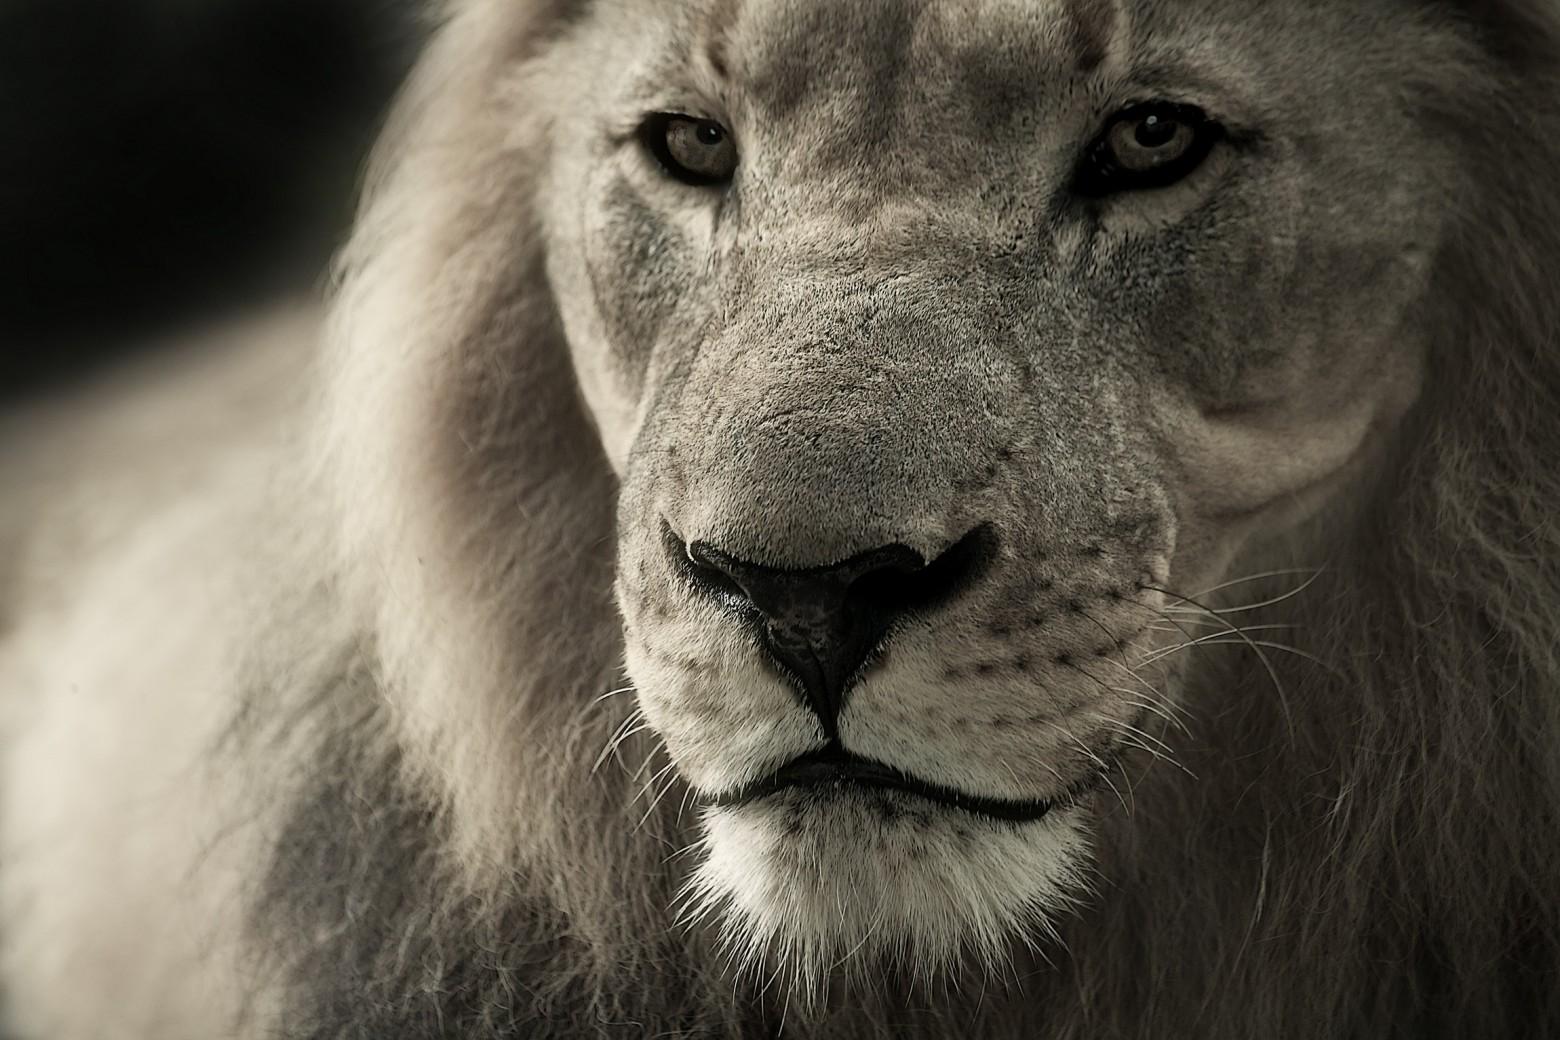 Le lion photo gratuite libre de droit images gratuites - Photos de lions gratuites ...